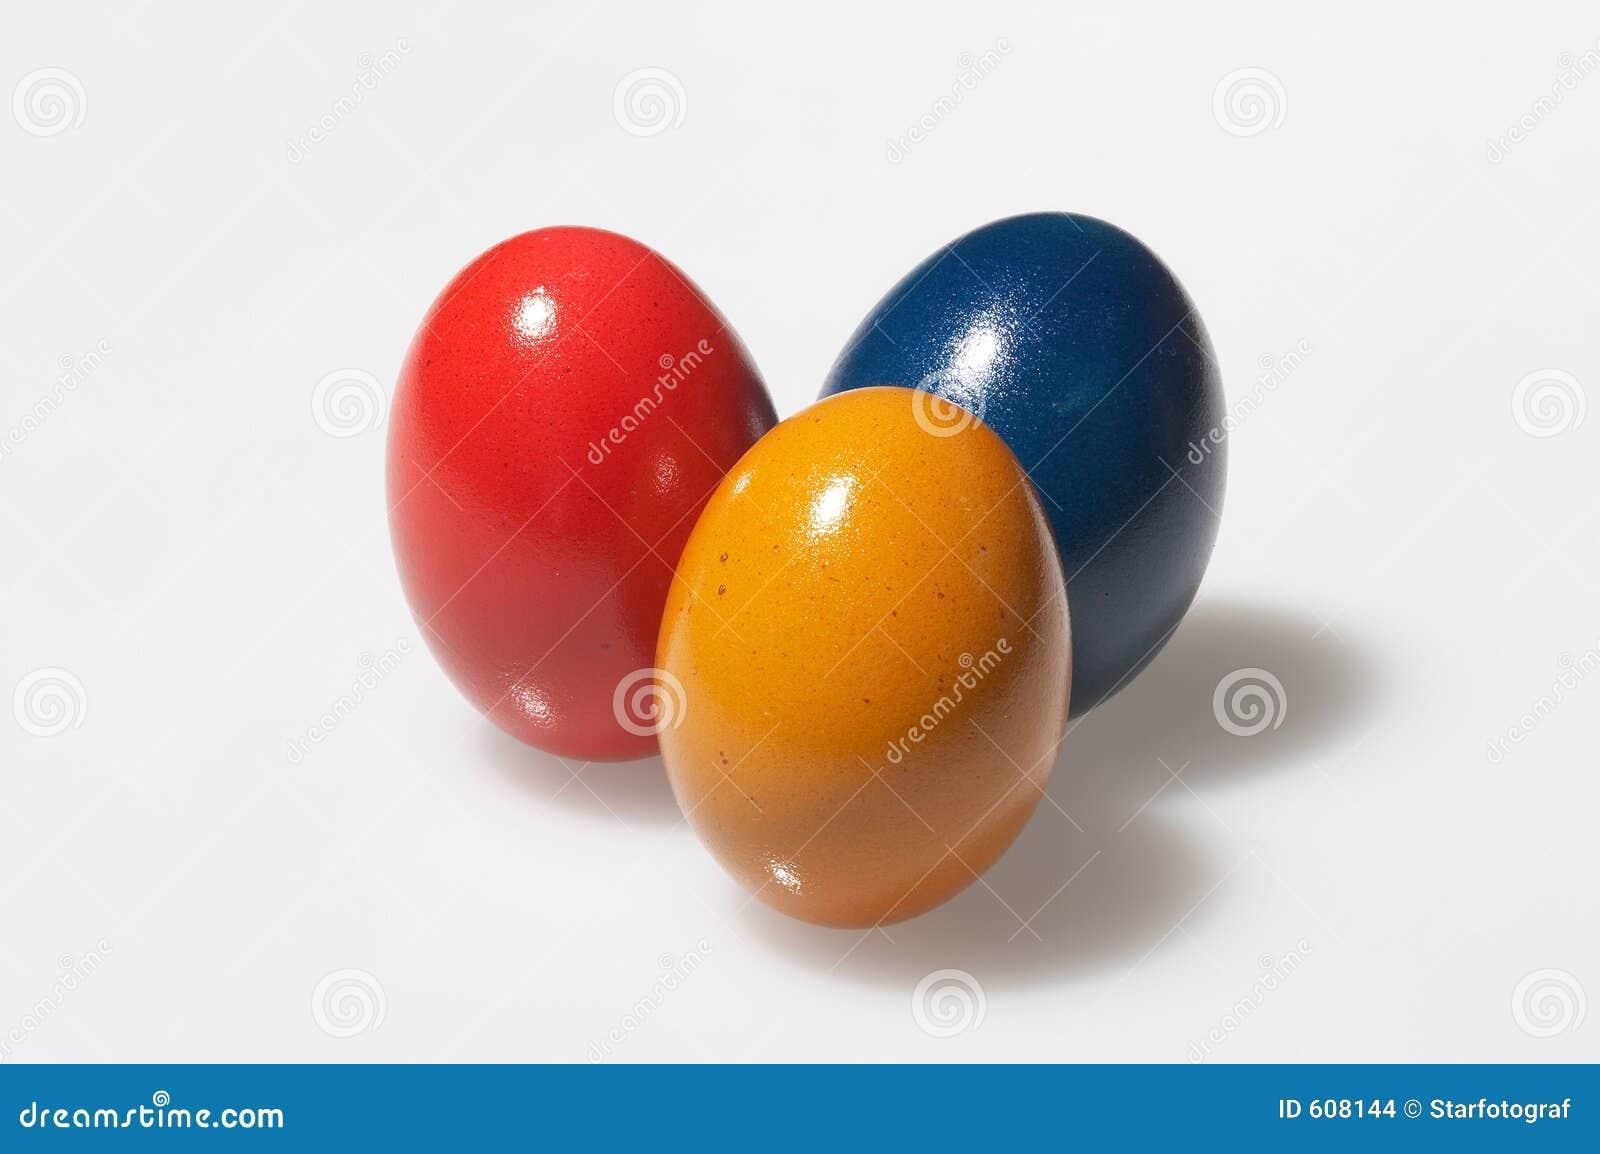 Geel, rood en blauw